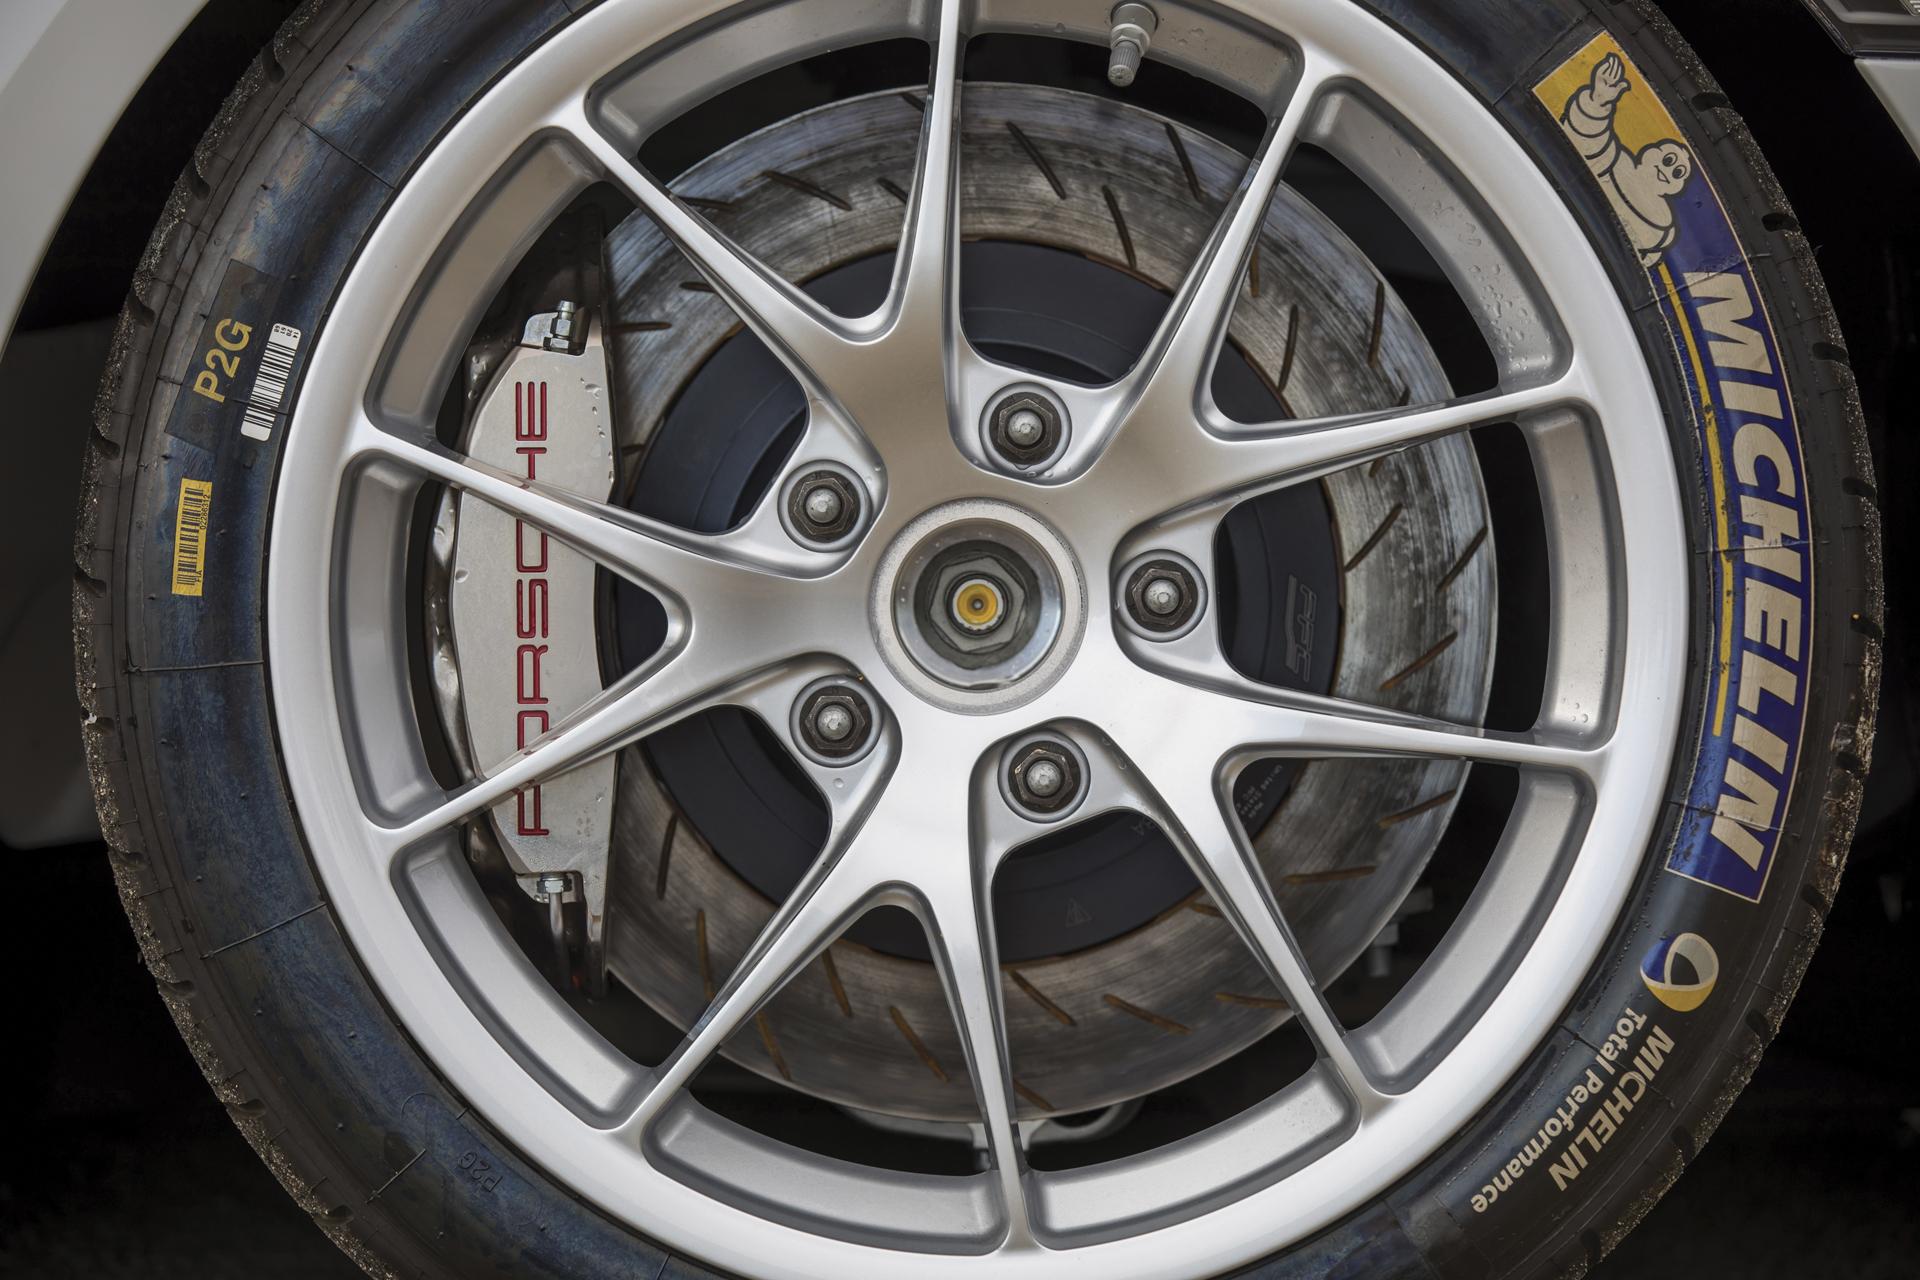 2018 RM - 2016 Porsche Cayman GT4 Clubsport 008A - Deremer Studi